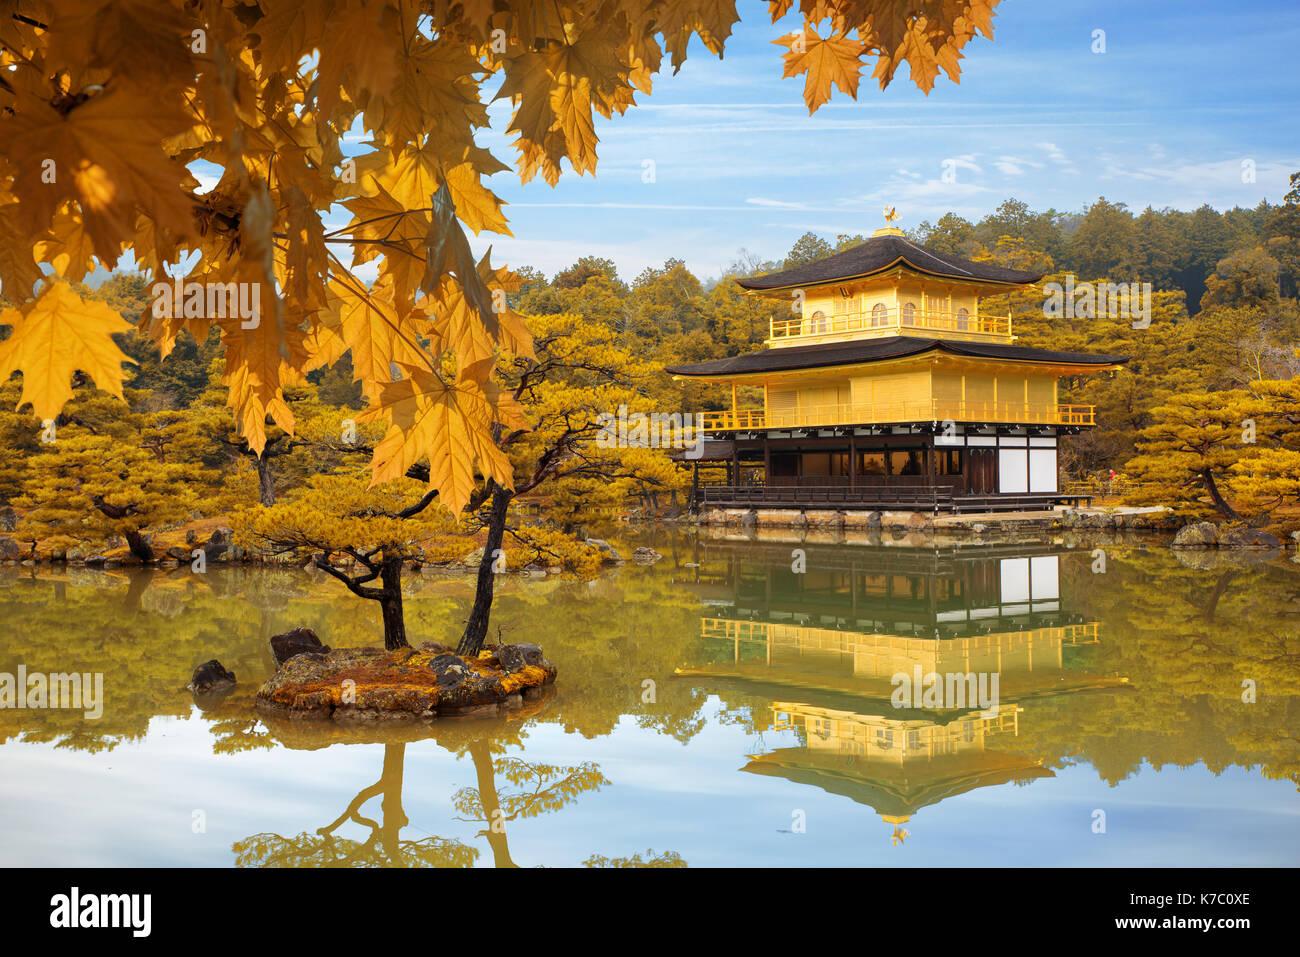 Japan Autumn season of Kinkakuji Temple (The Golden Pavilion) in Kyoto, Japan. Stock Photo